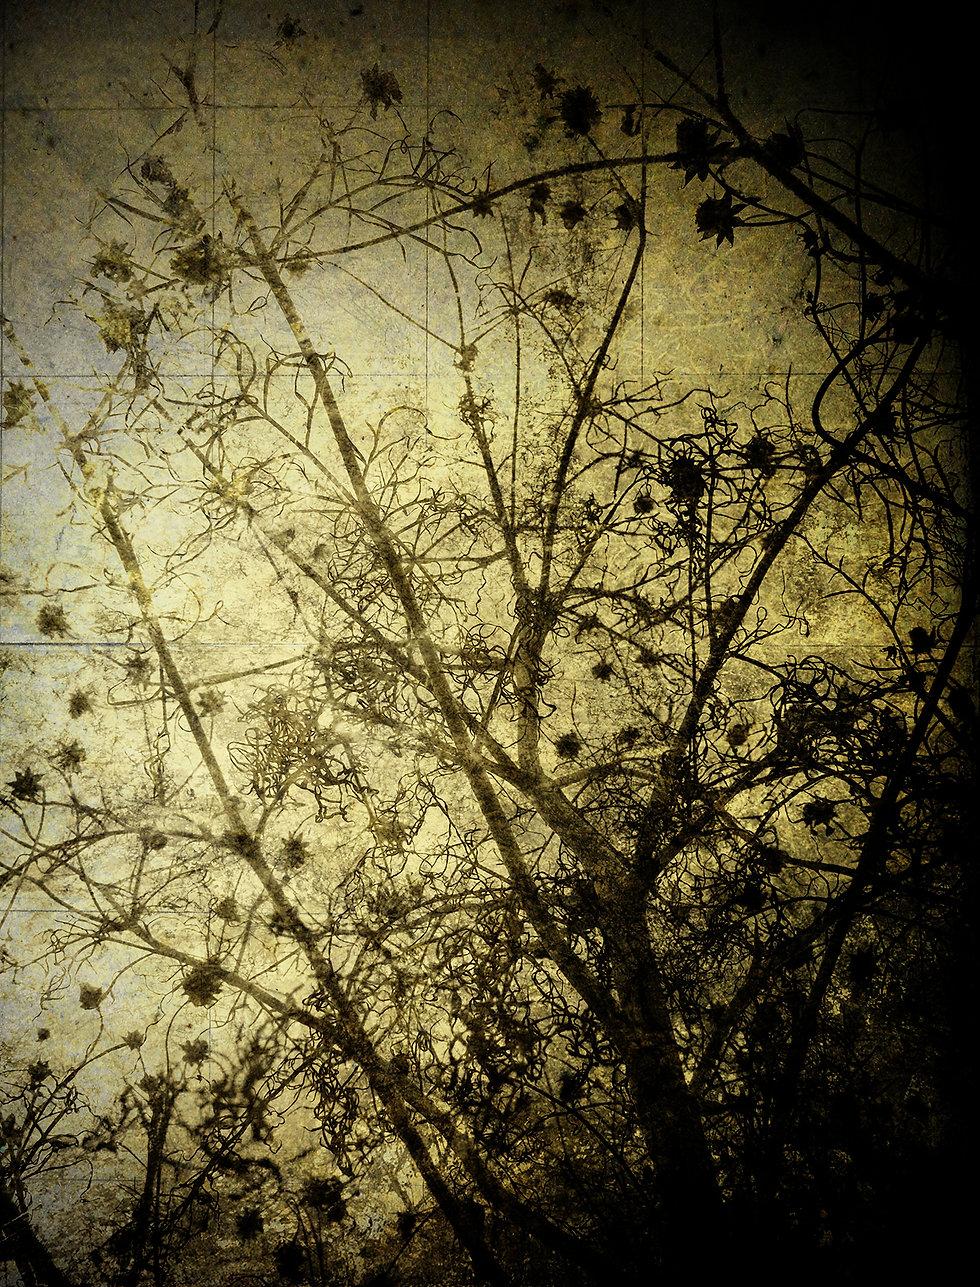 Kiiro_Photo_2012